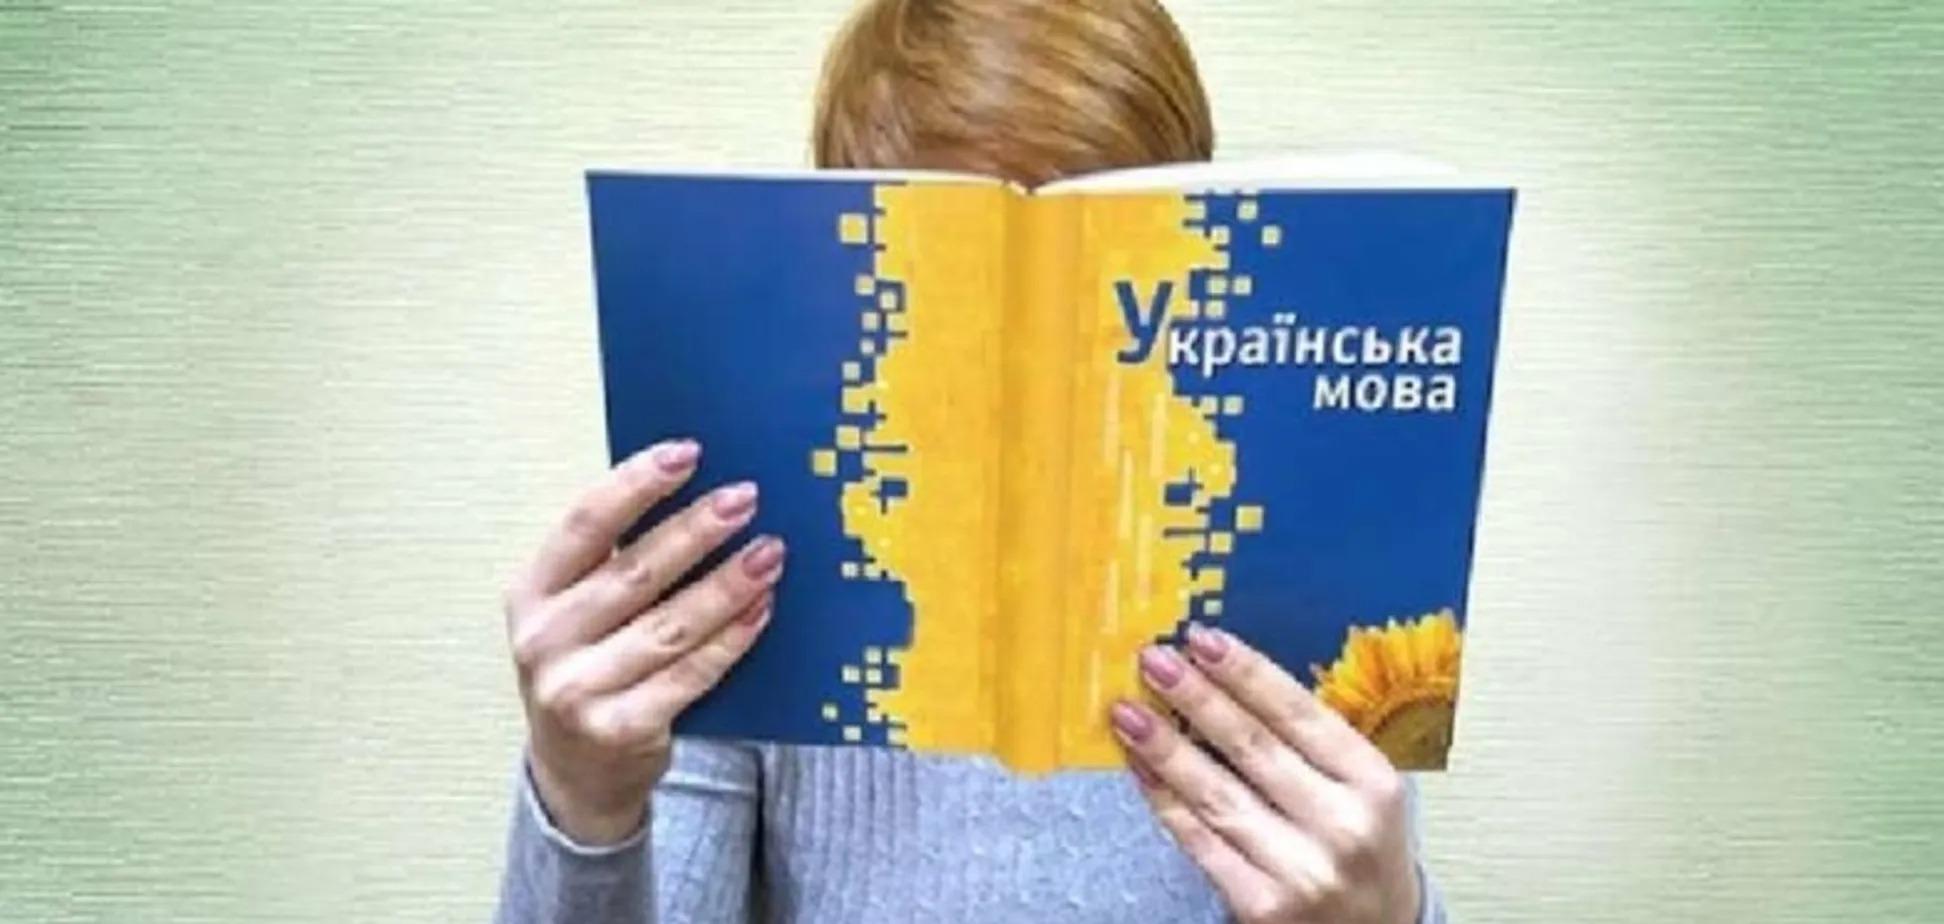 ukrainsky yazik